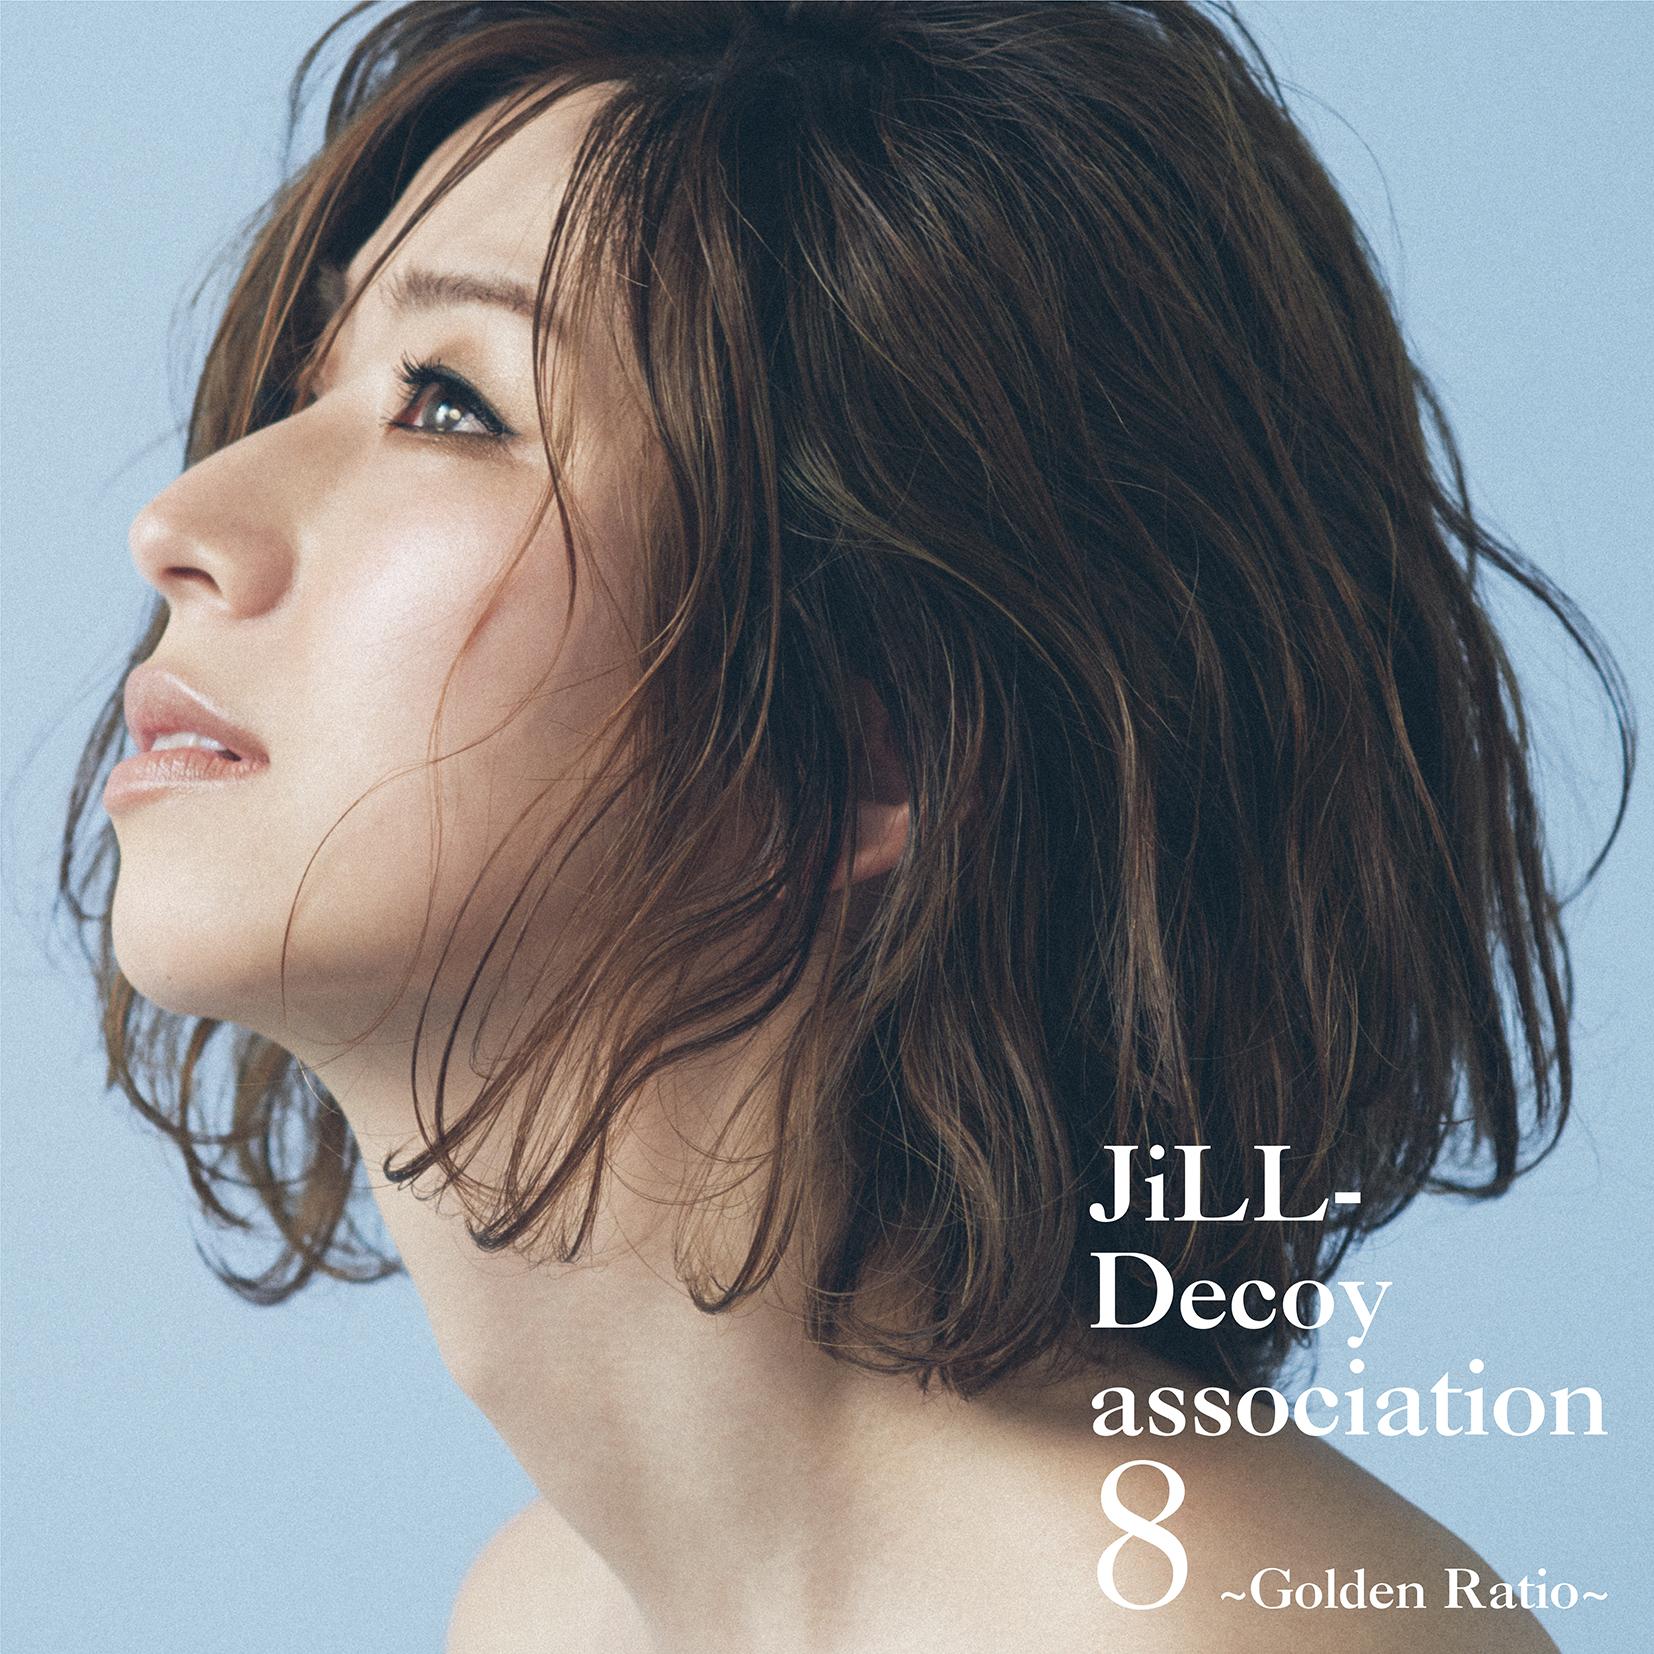 JiLL-Decoy association 「8」